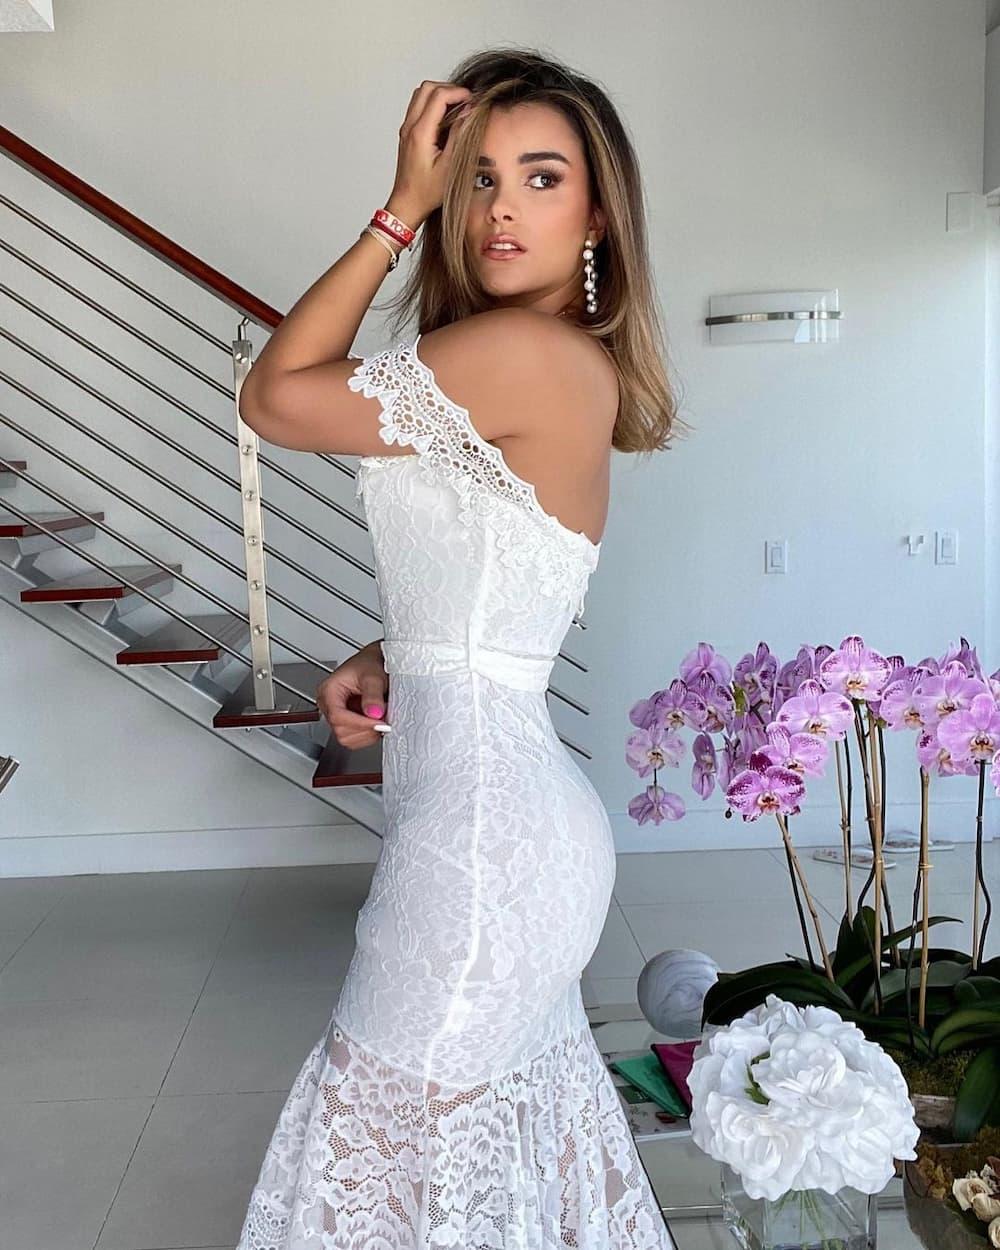 Clarissa Molina Forbes